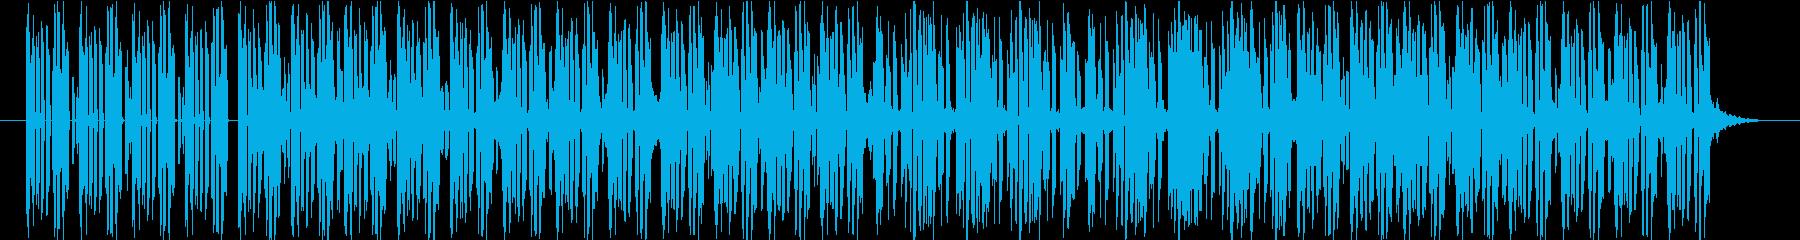 軽快でポップなテクノ楽曲 No.1の再生済みの波形